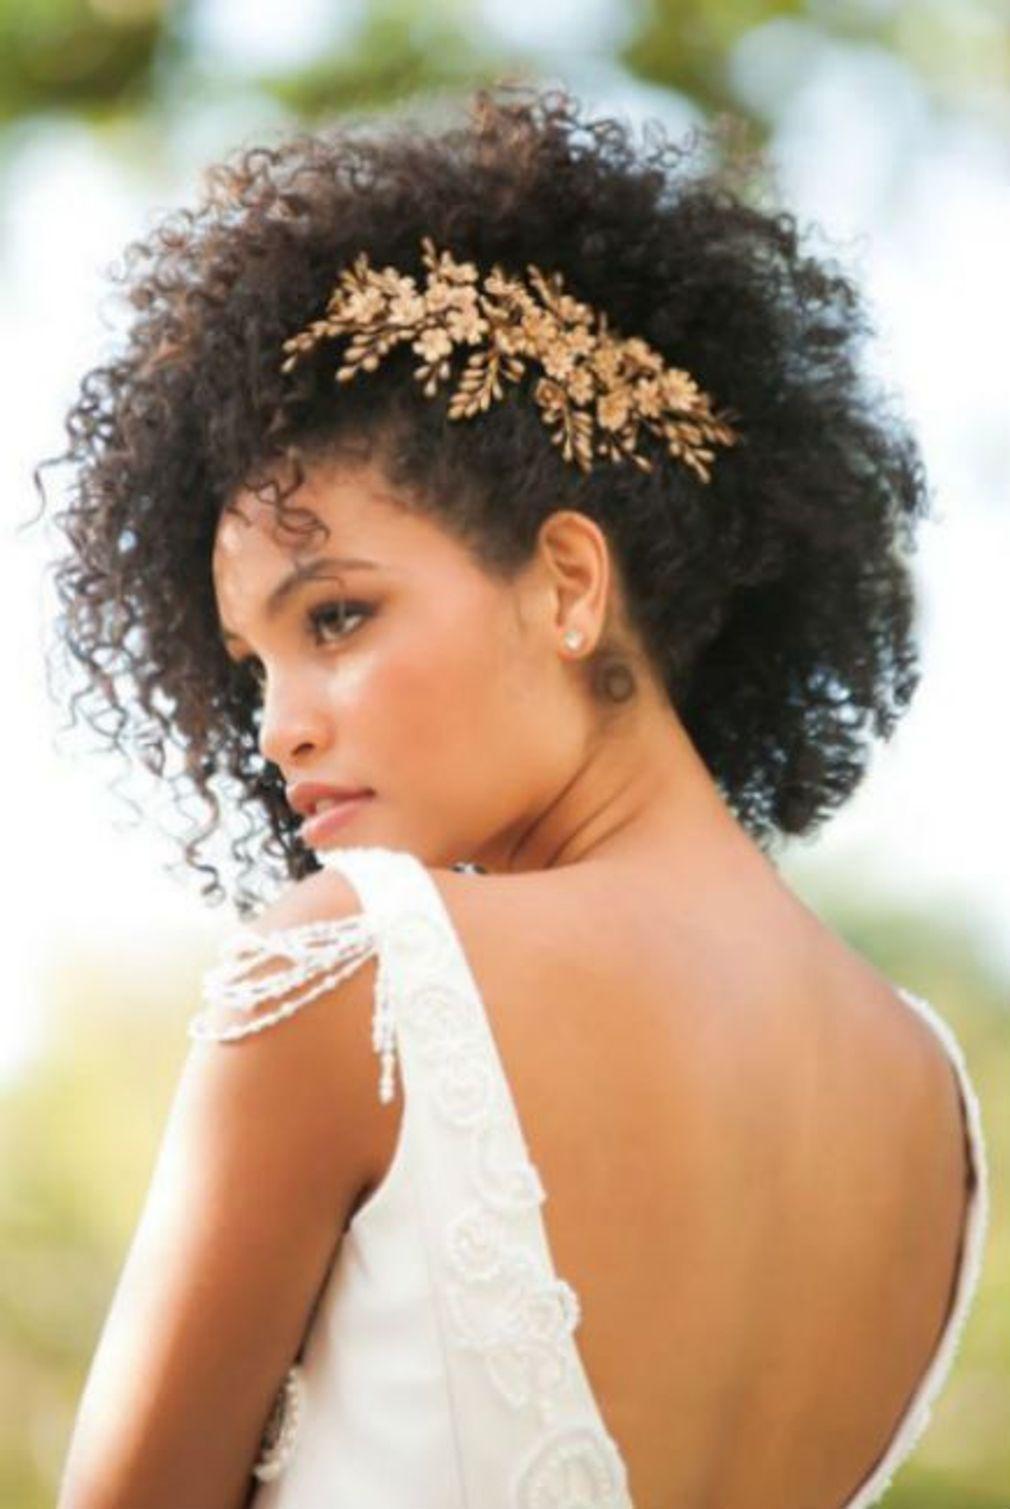 Coiffure-de-mariage-cheveux-frises-et-bijou